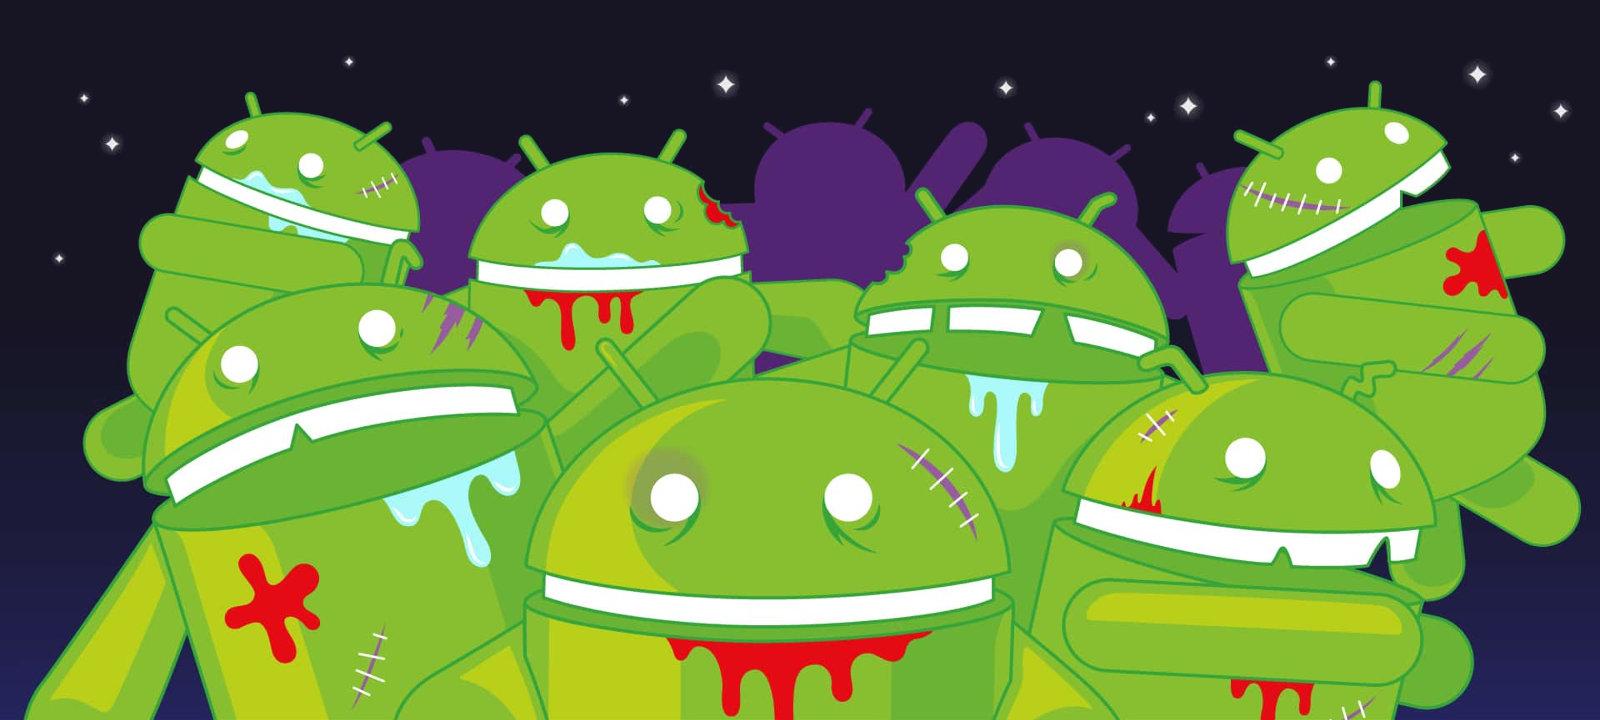 Android: подмена системных диалогов и утечки памяти